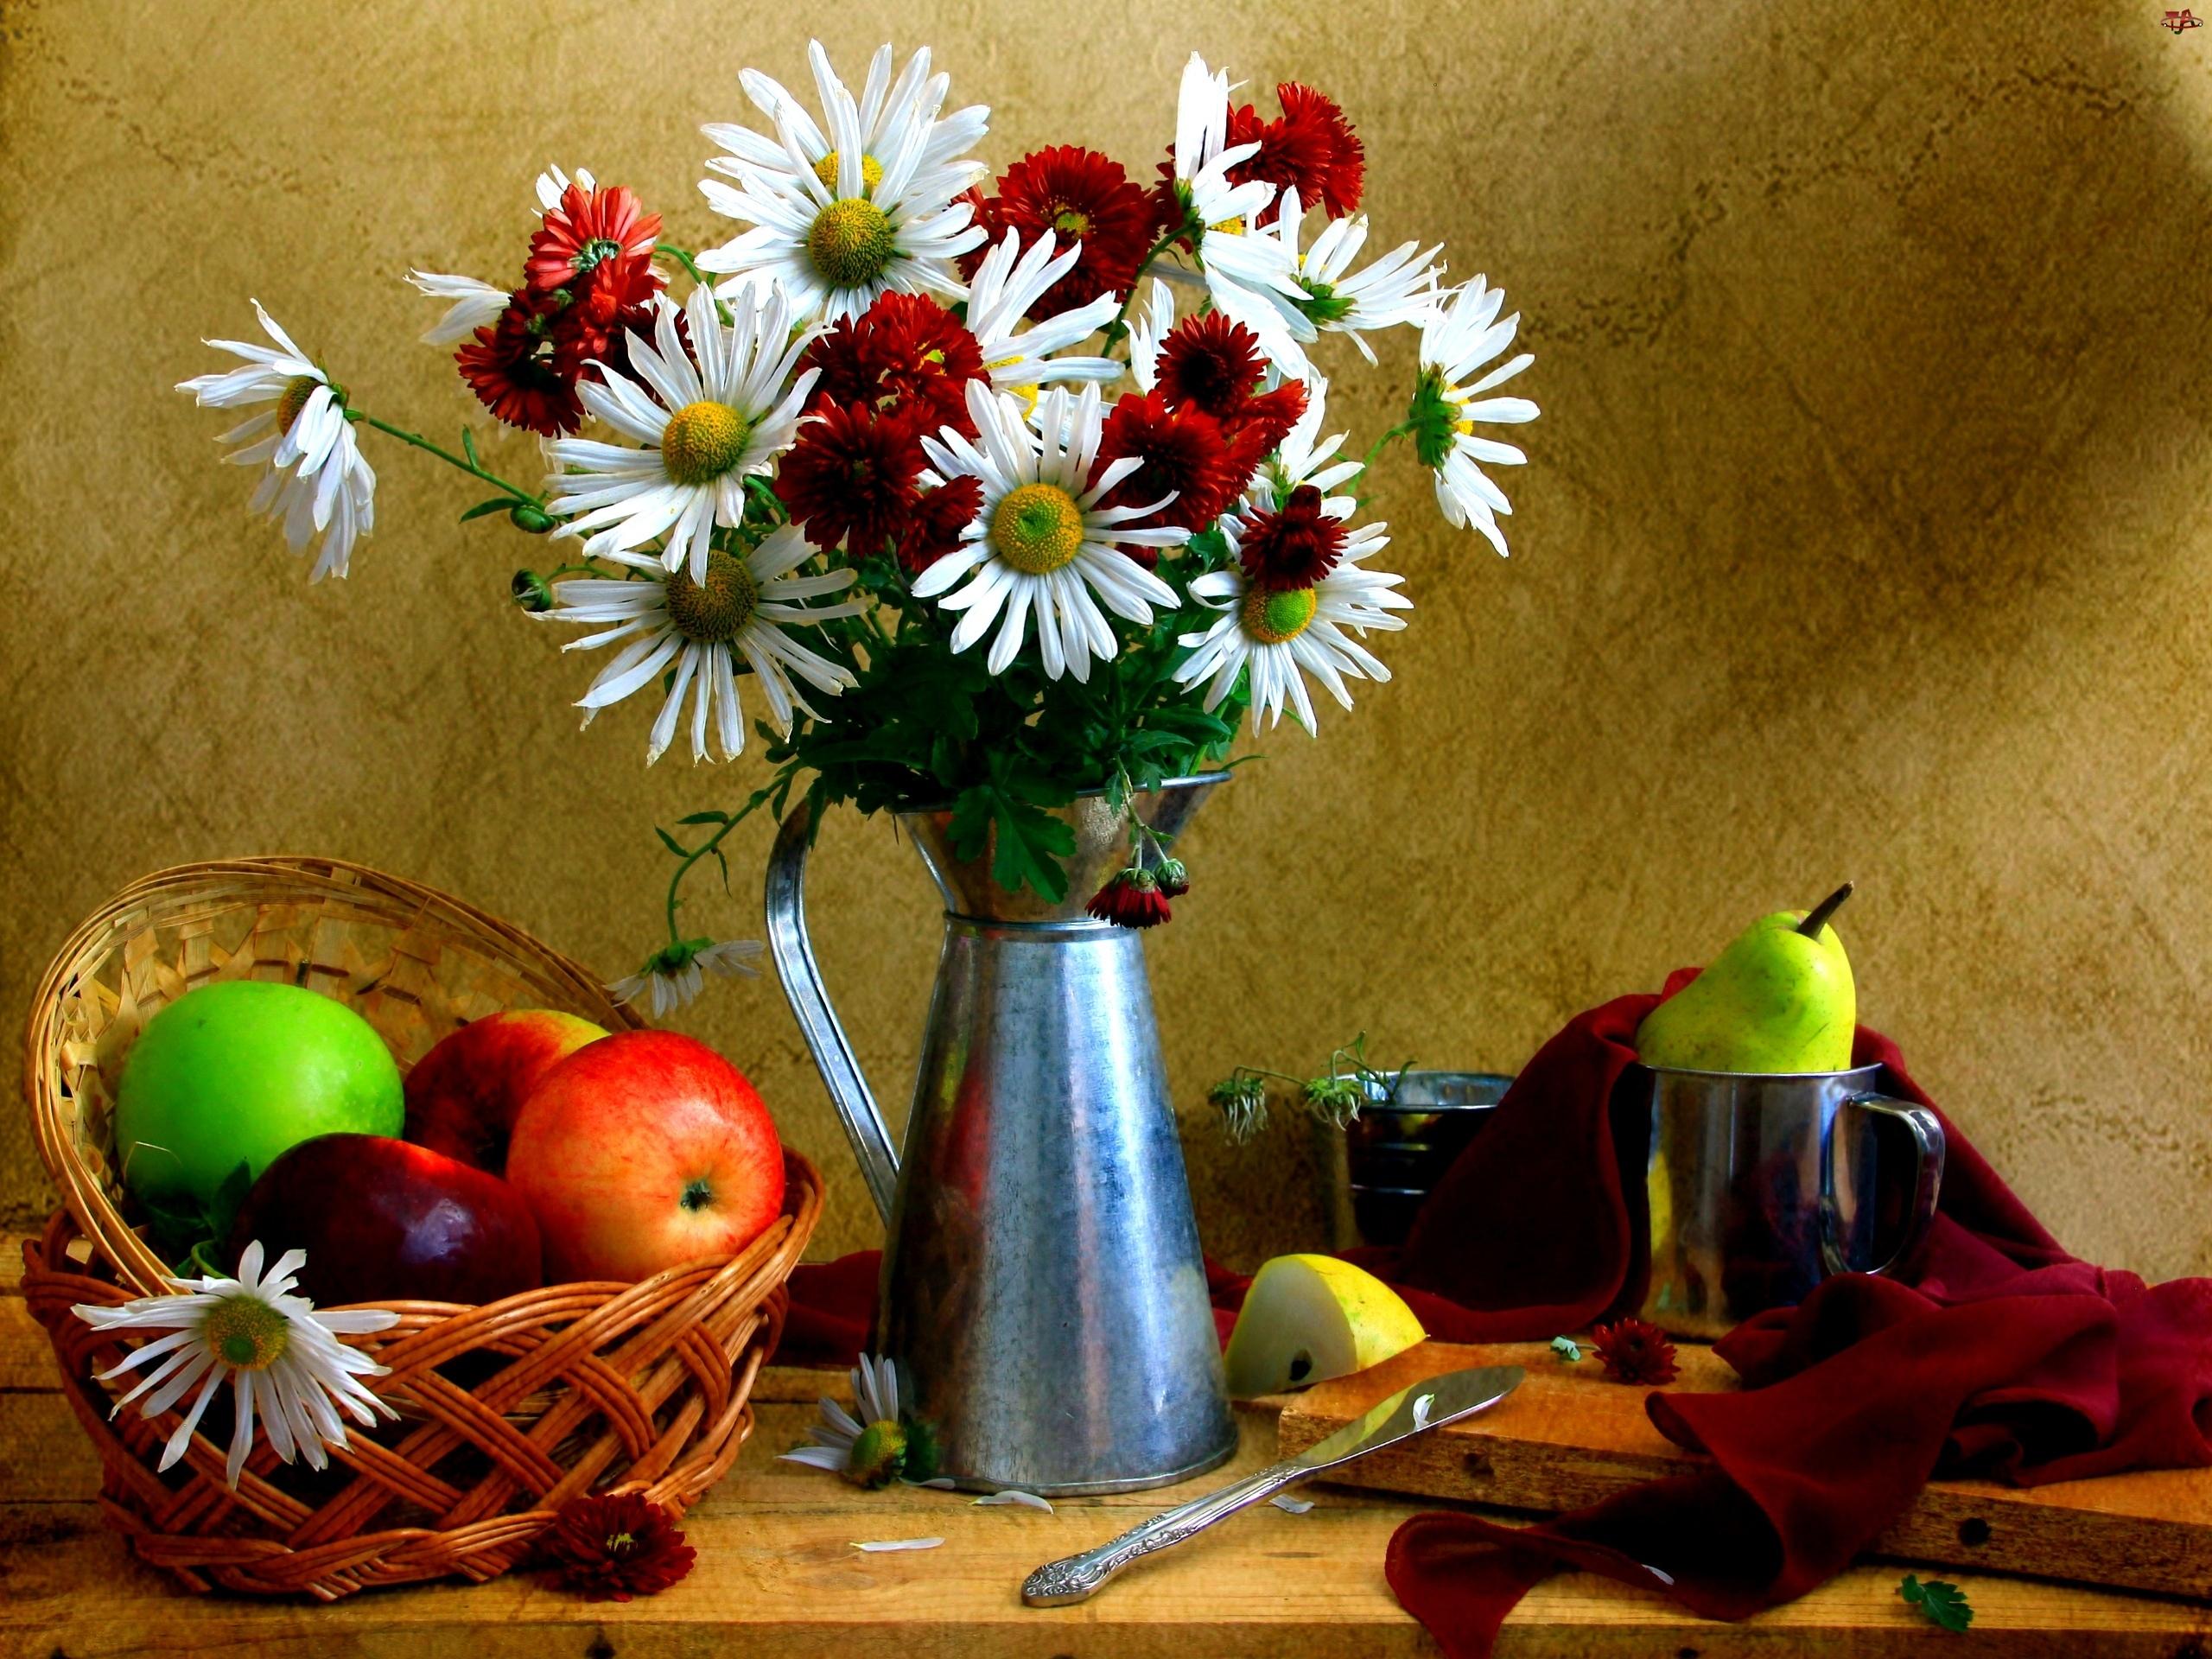 Koszyk, Blaszane, Bordowe, Białe, Owoce, Margerytki, Naczynia